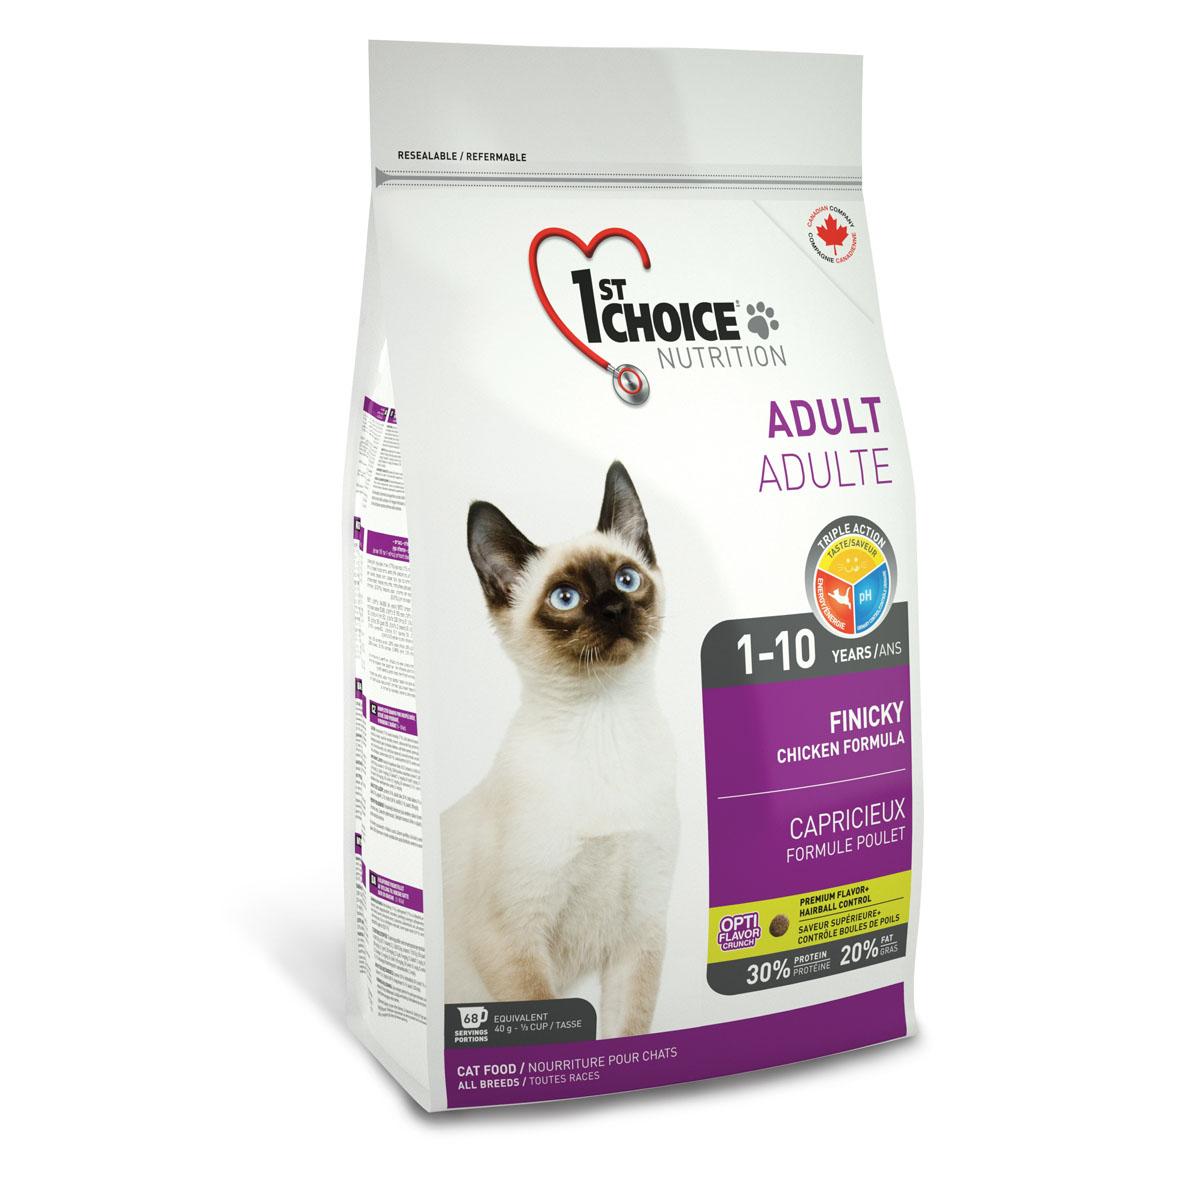 Корм сухой 1st Choice Adult для взрослых привередливых кошек, с курицей, 350 г56671Сухой корм 1st Choice Adult специально создан для привередливых взрослых кошек с нормальной активностью и избирательным вкусом. Свежая курица и сельдь понравится самым привередливым в еде кошкам. Идеальное сочетание белков, жиров и углеводов обеспечивает максимально доступной энергией. Правильный рН-баланс помогает поддерживать здоровье мочевыделительной системы. Ингредиенты: свежая курица 17%, мука из мяса курицы 17%, рис, куриный жир, сохраненный смесью натуральных токоферолов витамин Е, гороховый протеин, коричневый рис, мука из сельди, сушеное яйцо, мякоть свеклы, специально обработанные ядра ячменя и овса, гидролизат куриной печени, клетчатка гороха, цельное семя льна, сушеная мякоть томата, жир лосося, калия хлорид, лецитин, холина хлорид, соль, кальция пропионат, натрия бисульфат, кальция карбонат, таурин, DL-метионин, L-лизин, экстракт дрожжей, железа сульфат, аскорбиновая кислота (витамин С), экстракт цикория, цинка оксид, натрия селенит, альфа-токоферол ацетат (витамин Е), никотиновая кислота, экстракт юкки Шидигера, кальция иодат, марганца оксид, D-кальция пантотенат, тиамина мононитрат, рибофлавин, пиридоксина гидрохлорид, витамин А, холекальциферол (витамин Д3), биотин, сушеная мята 0,01%, сушеная петрушка 0,01%, экстракт зеленого чая 0,01%, цинка протеинат, витамин В12, кобальта карбонат, фолиевая кислота, марганца протеинат, меди протеинат. Гарантированный анализ: сырой протеин мин. 30%, сырой жир мин. 20%, сырая клетчатка макс. 3%, влага макс. 10%, зола макс. 9%, кальций мин. 1,2%, фосфор мин. 0,9%, марганец макс. 0,1%, таурин 2300 мг/кг, витамин А мин. 34 000 МЕ/кг, витамин Д3 мин. 2 000 МЕ/кг, витамин Е мин. 150 МЕ/кг. Энергетическая ценность корма: 435 ккал/мерный стакан/250 мл - 3770 ккал/кг.Товар сертифицирован.